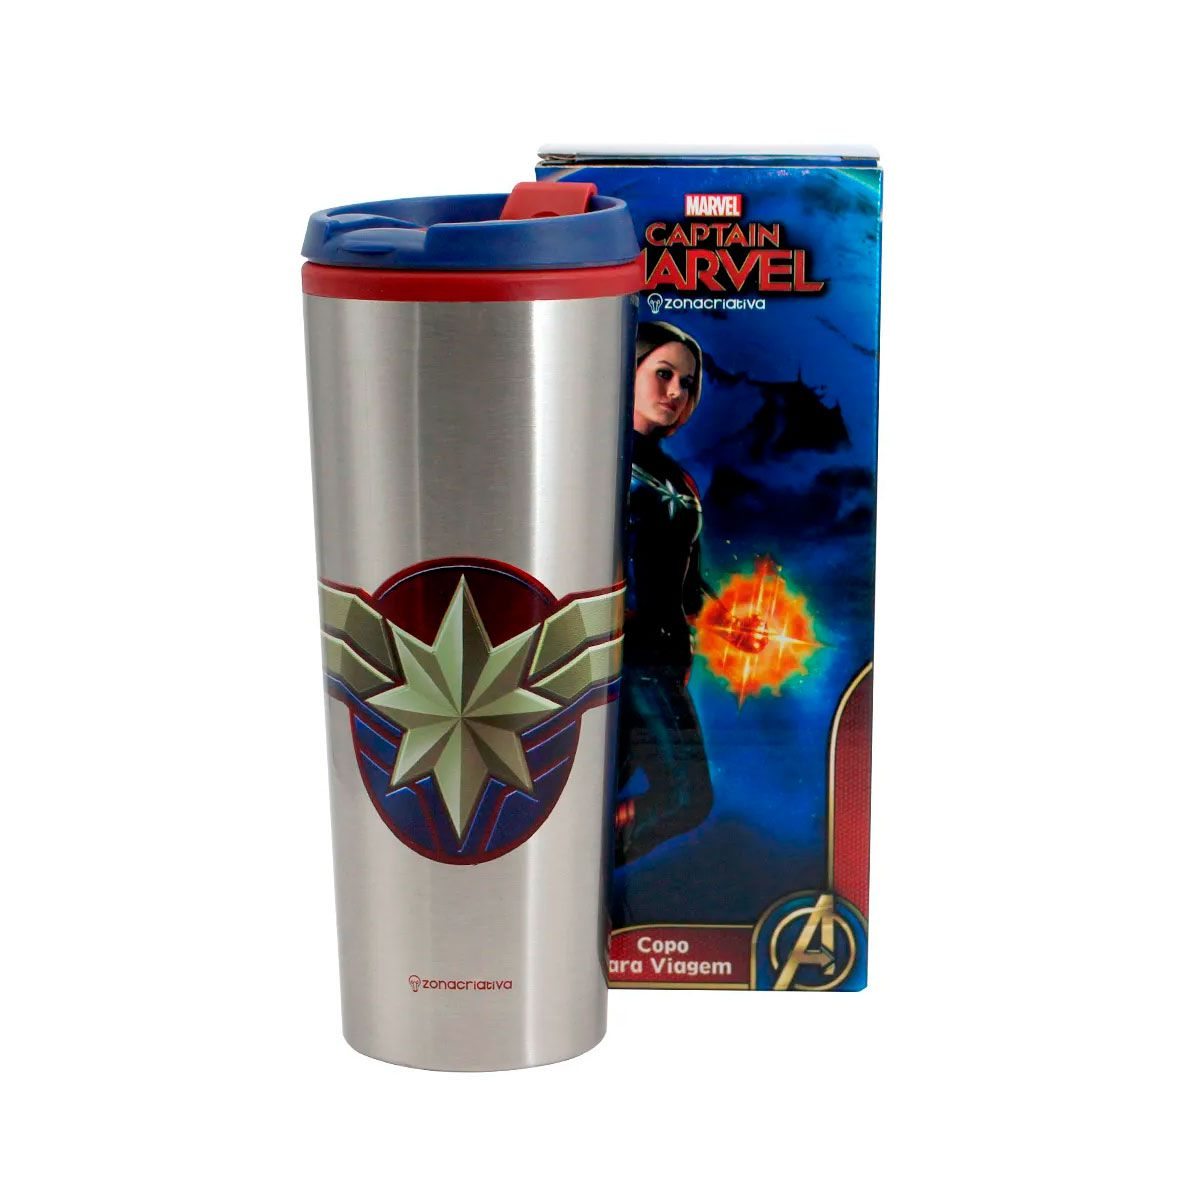 Copo Viagem 450 ml Capitã Marvel - Vingadores